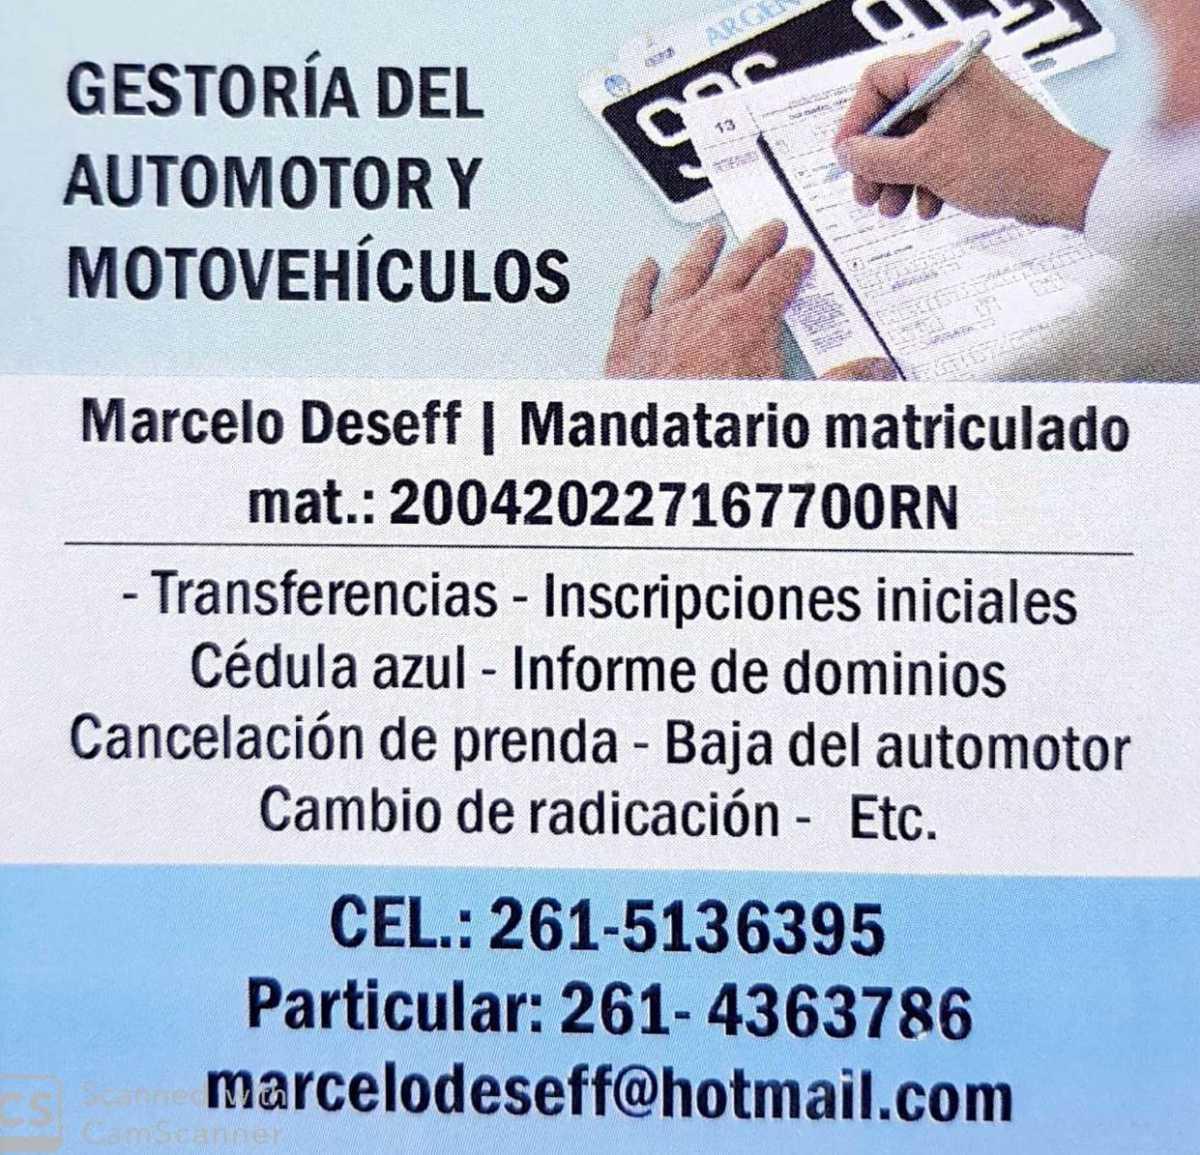 Marcelo Deseff Gestoría del Automotor